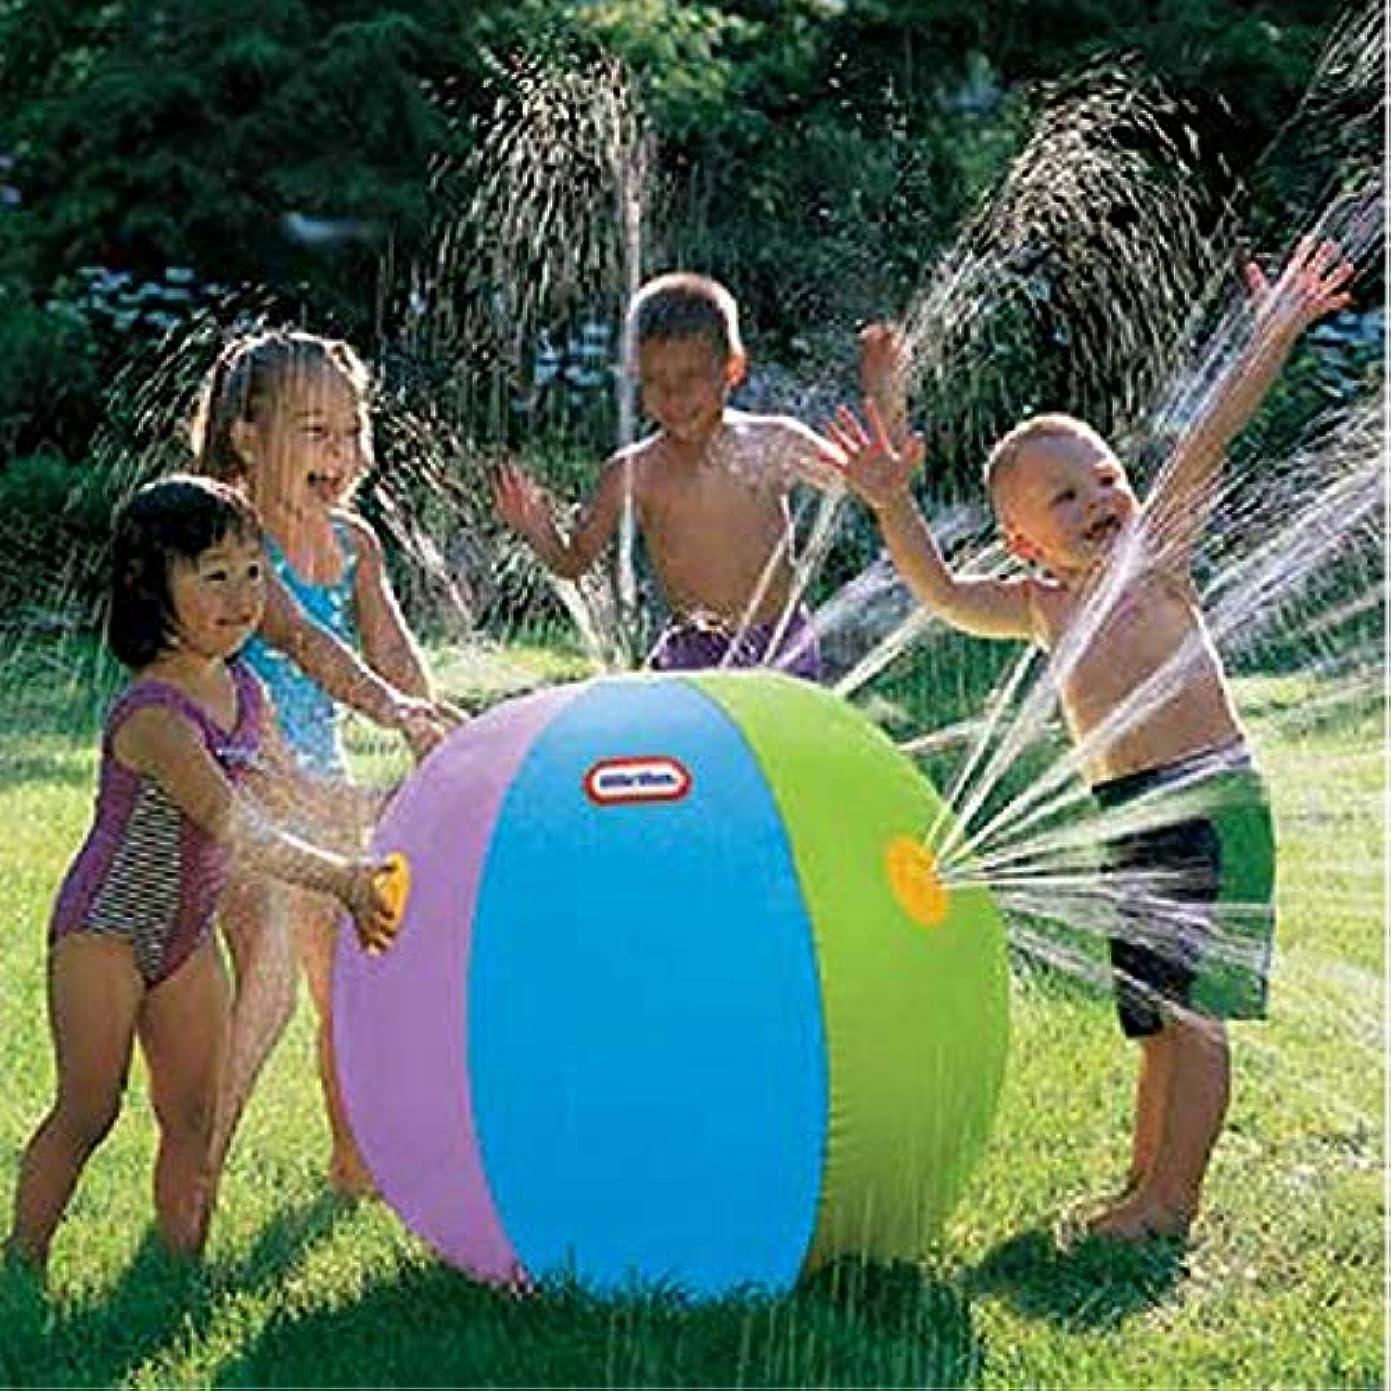 神聖失う伝導Fenghong 水スプレーインフレータブルボール\インフレータブルビーチボール噴水ビーチボール面白いウォーターボール夏のビーチボールのおもちゃ